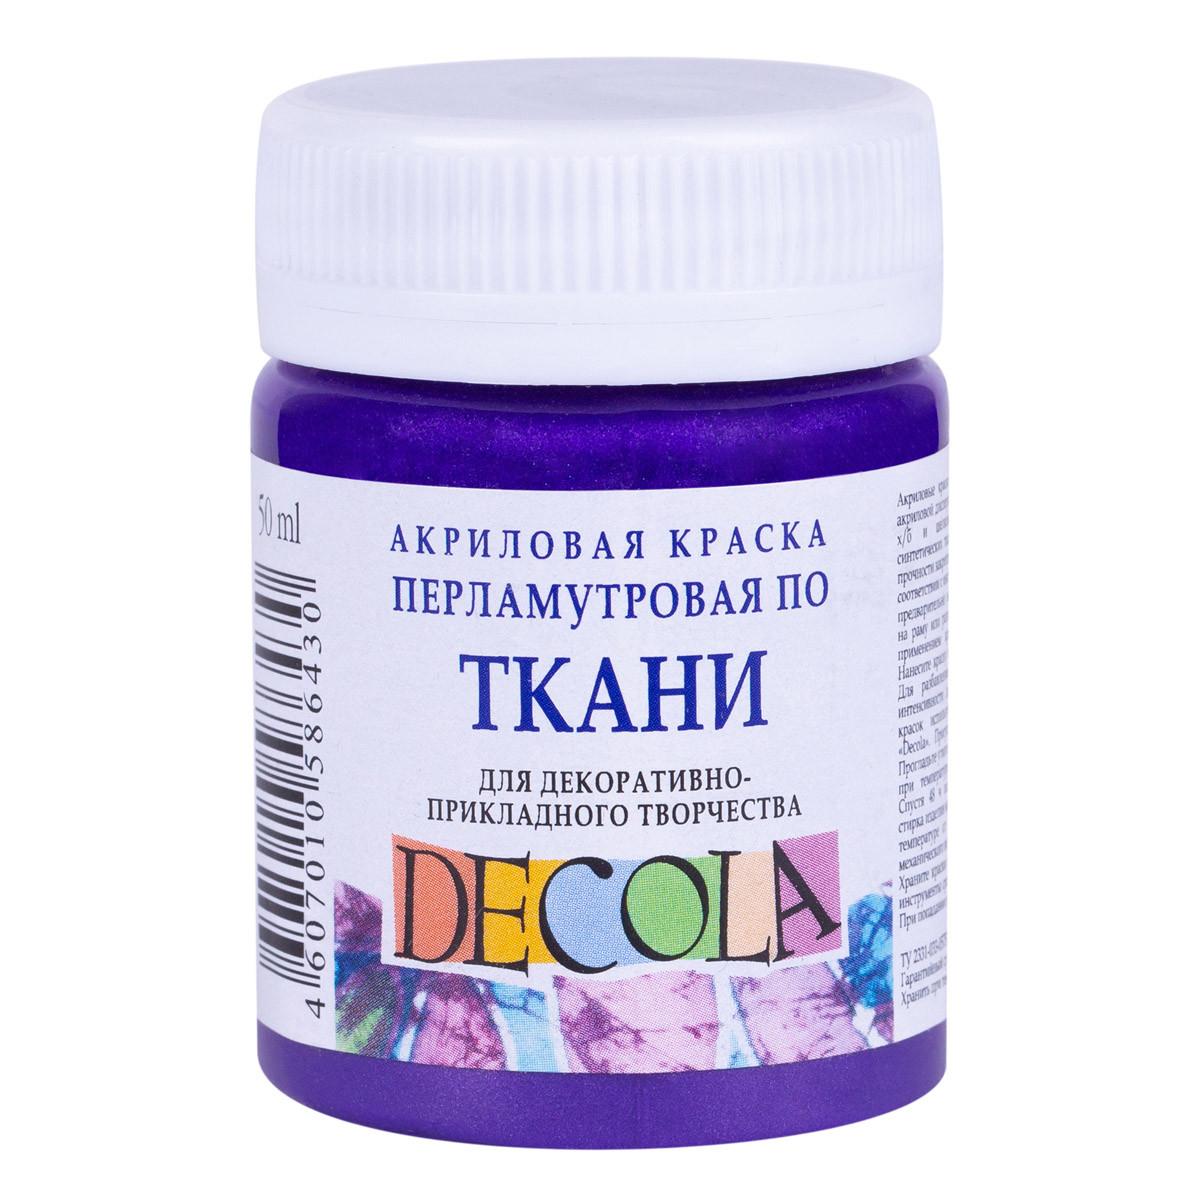 Краска акриловая по ткани, Фиолетовая перламутровая, ДЕКОЛА, 50 мл